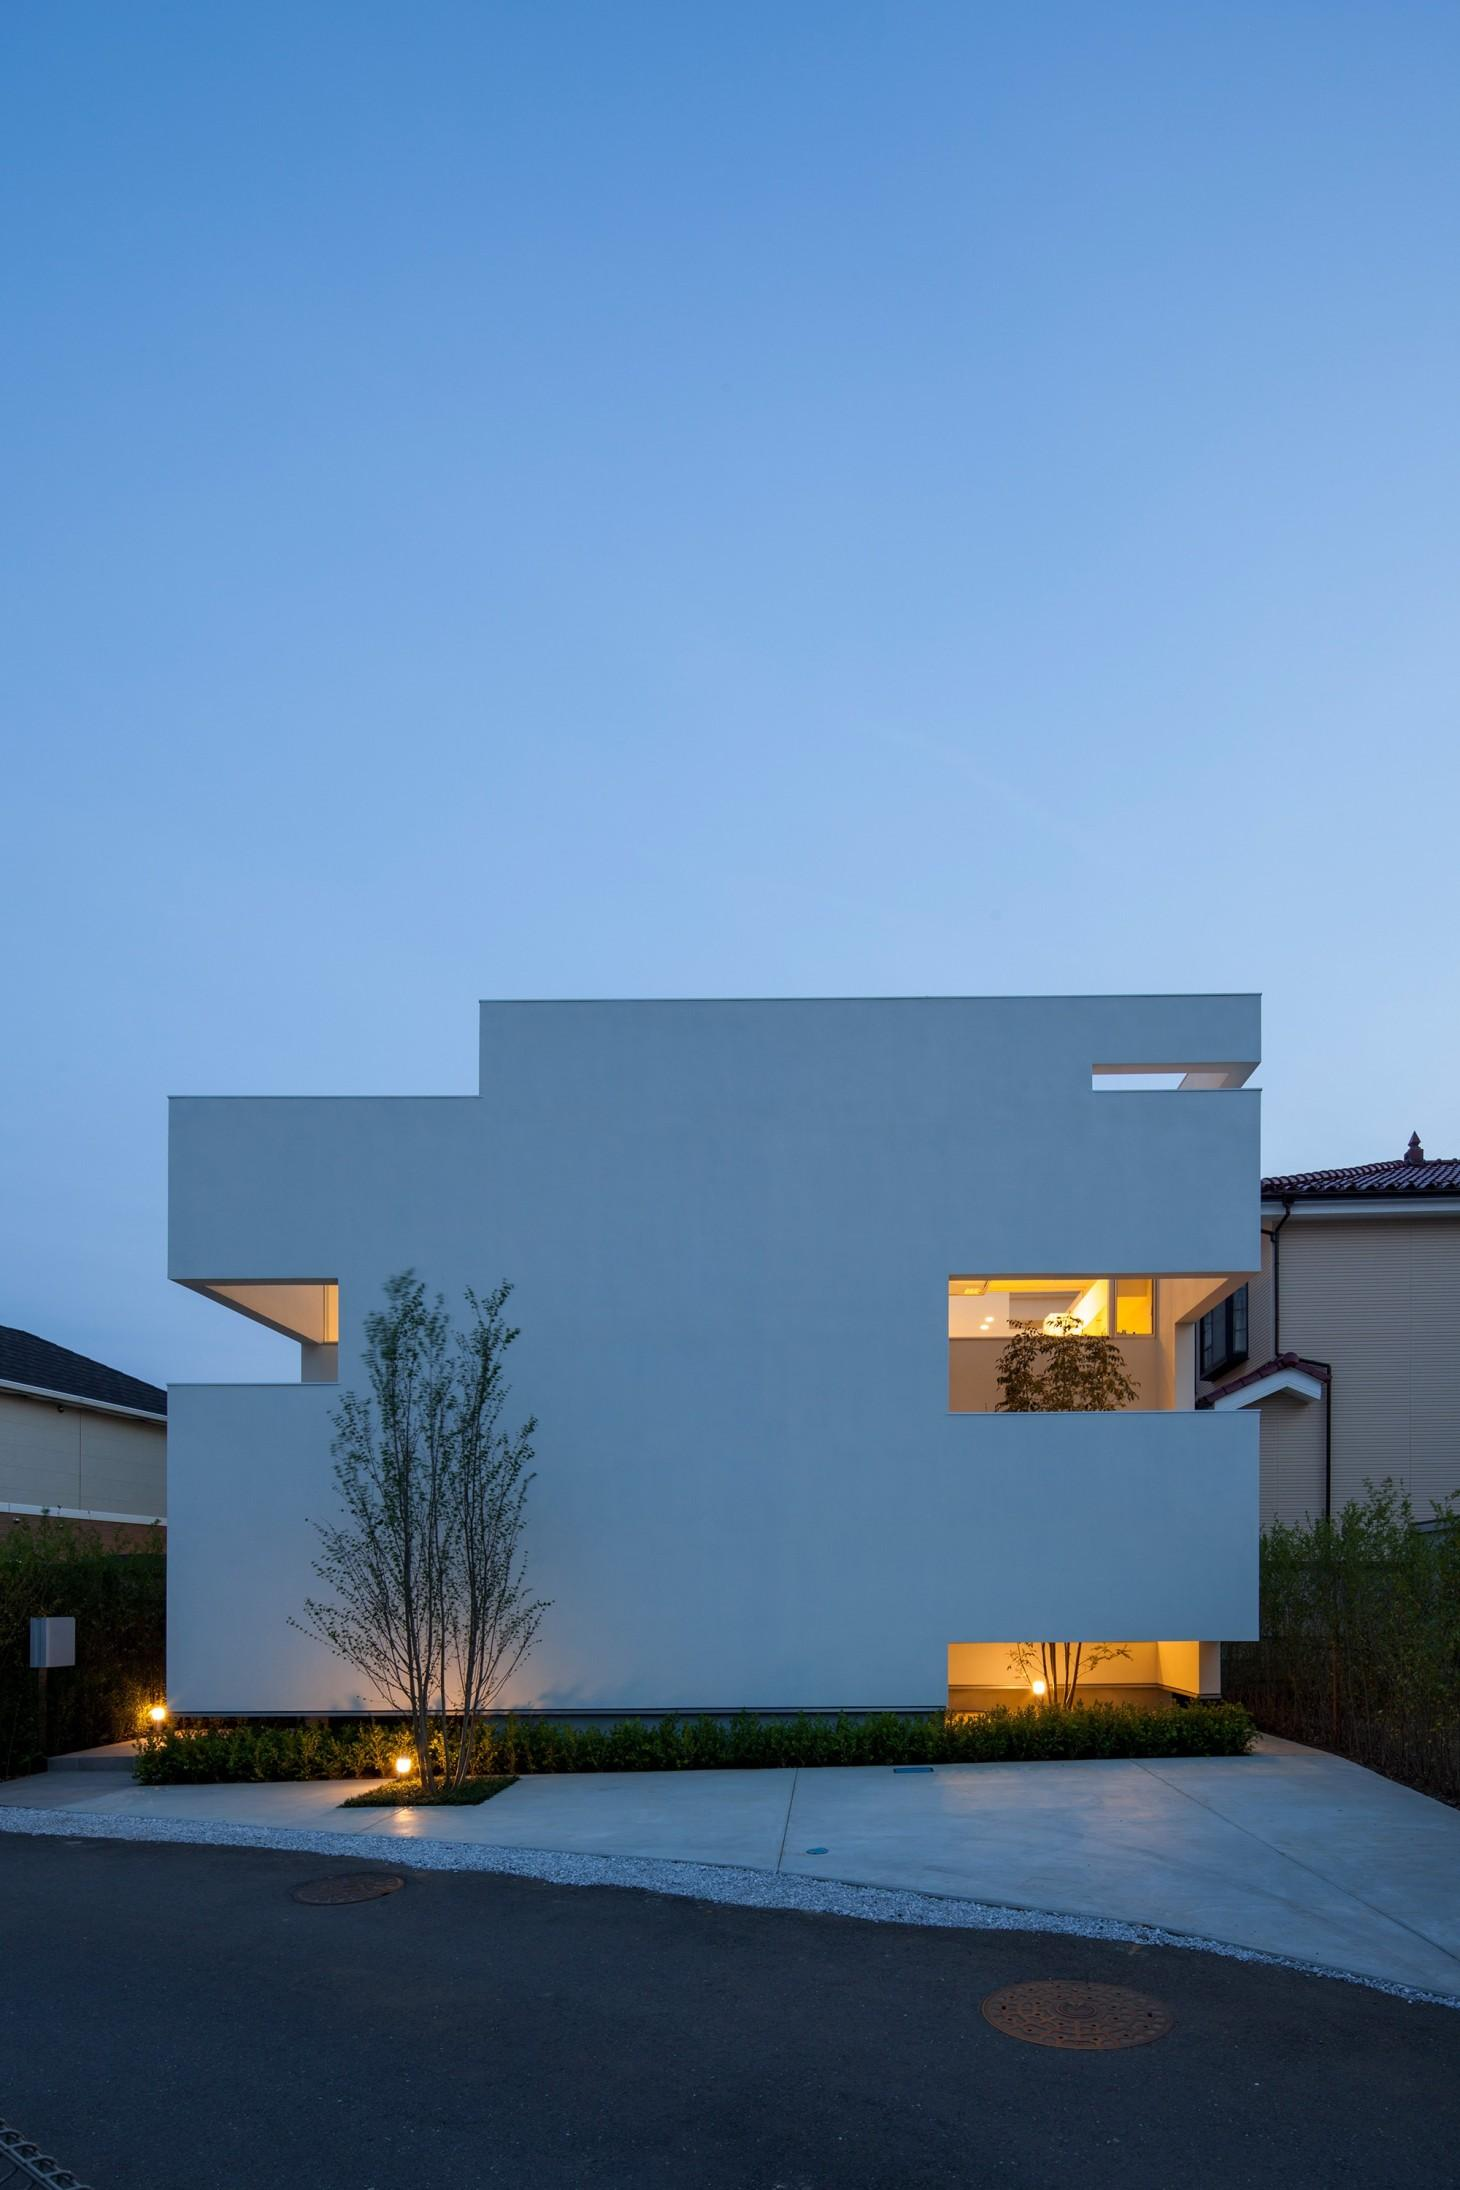 立体市松壁の家の写真 立体的な市松模様で構成した外観-ライトアップ